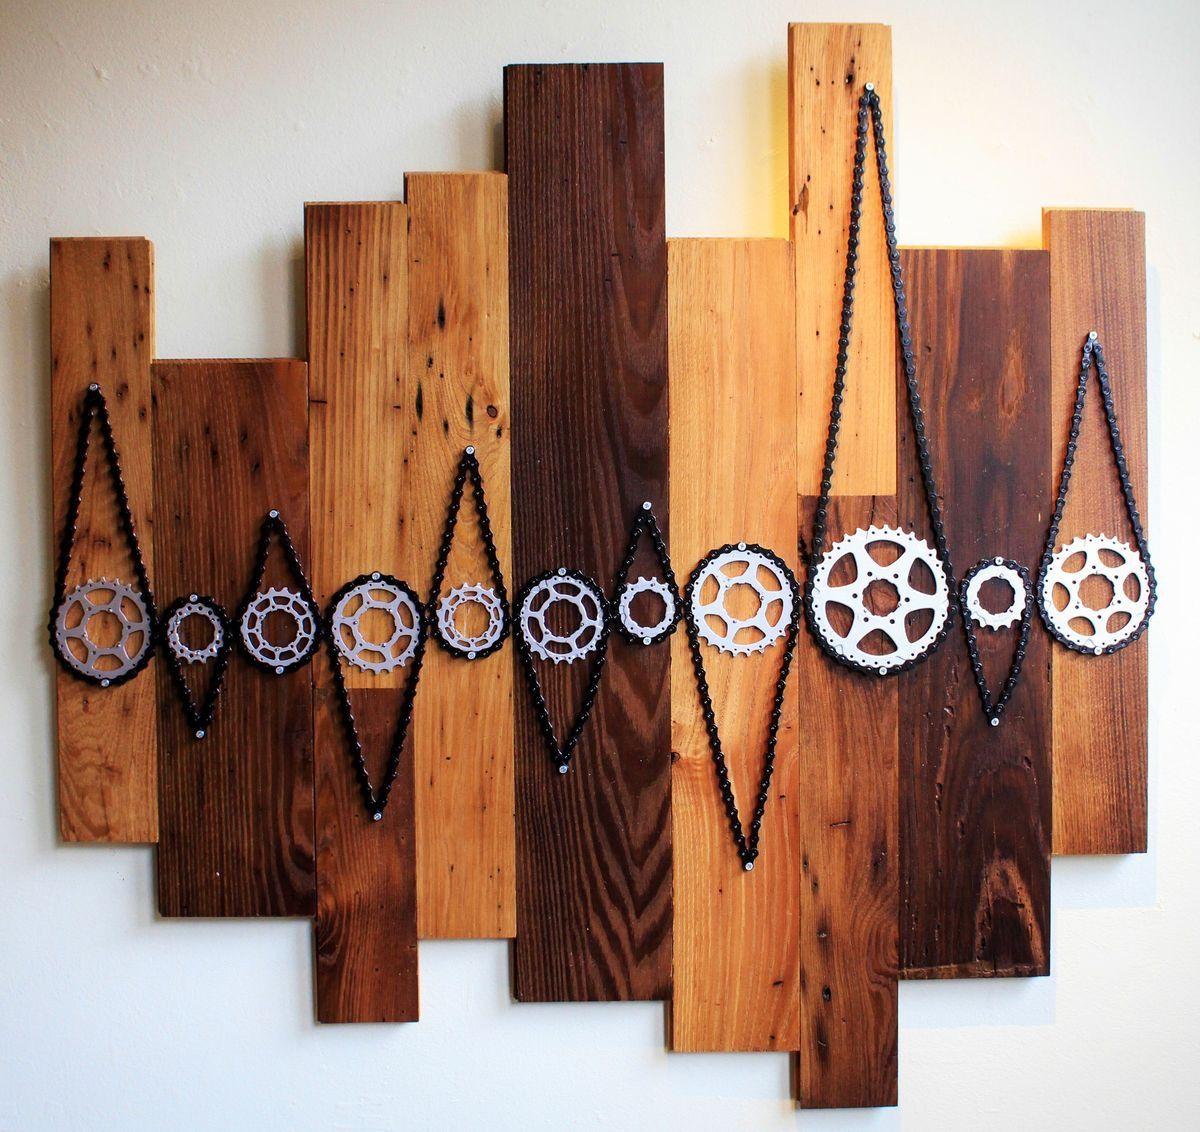 Pin Von Maritza Castro Cotto Auf Mesa Deko Fahrrad Fahrrad Kunst Fahrradkunst